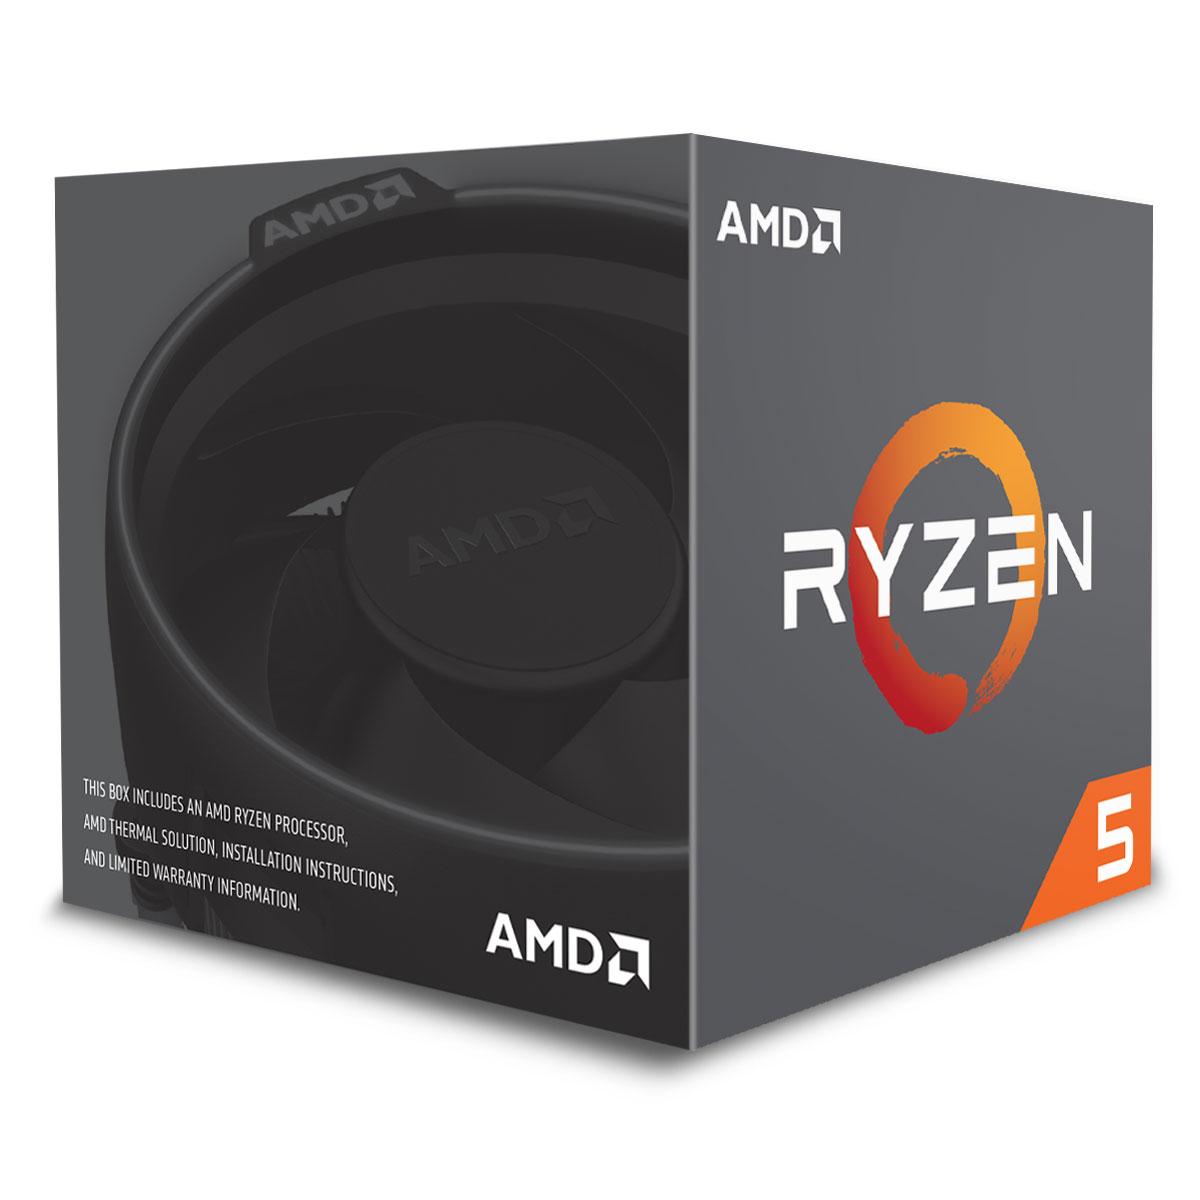 Processeur AMD Ryzen 5 1400 Wraith Stealth Edition (3.2 GHz) Processeur Quad Core socket AM4 Cache L3 8 Mo 0.014 micron TDP 65W avec système de refroidissement (version boîte - garantie constructeur 3 ans)